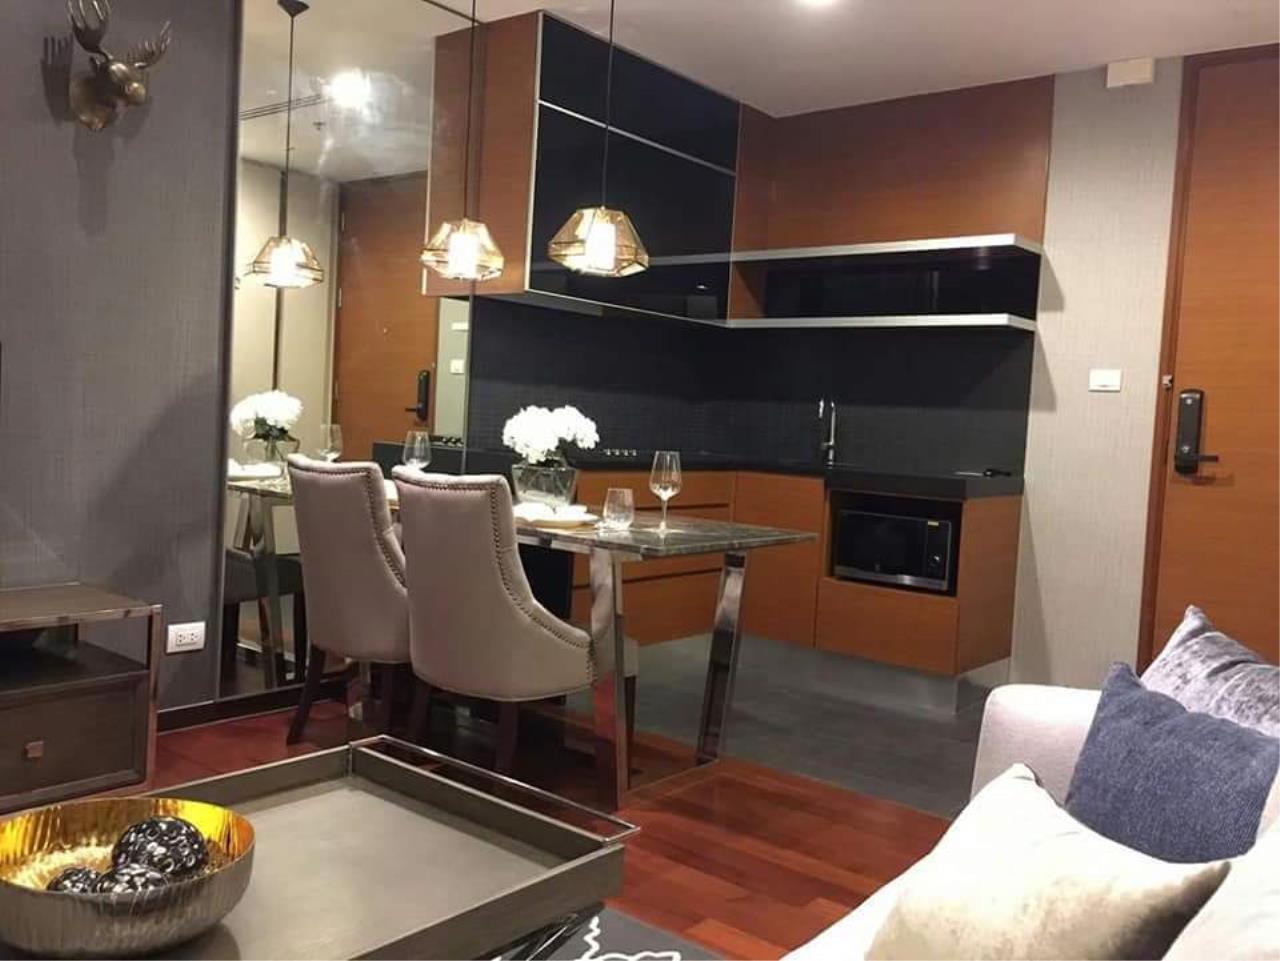 Arken Estate Agency Property Agency near BTS & MRT Agency's For Sale/ Rent Ashton Morph 2 bed 2 bath 3